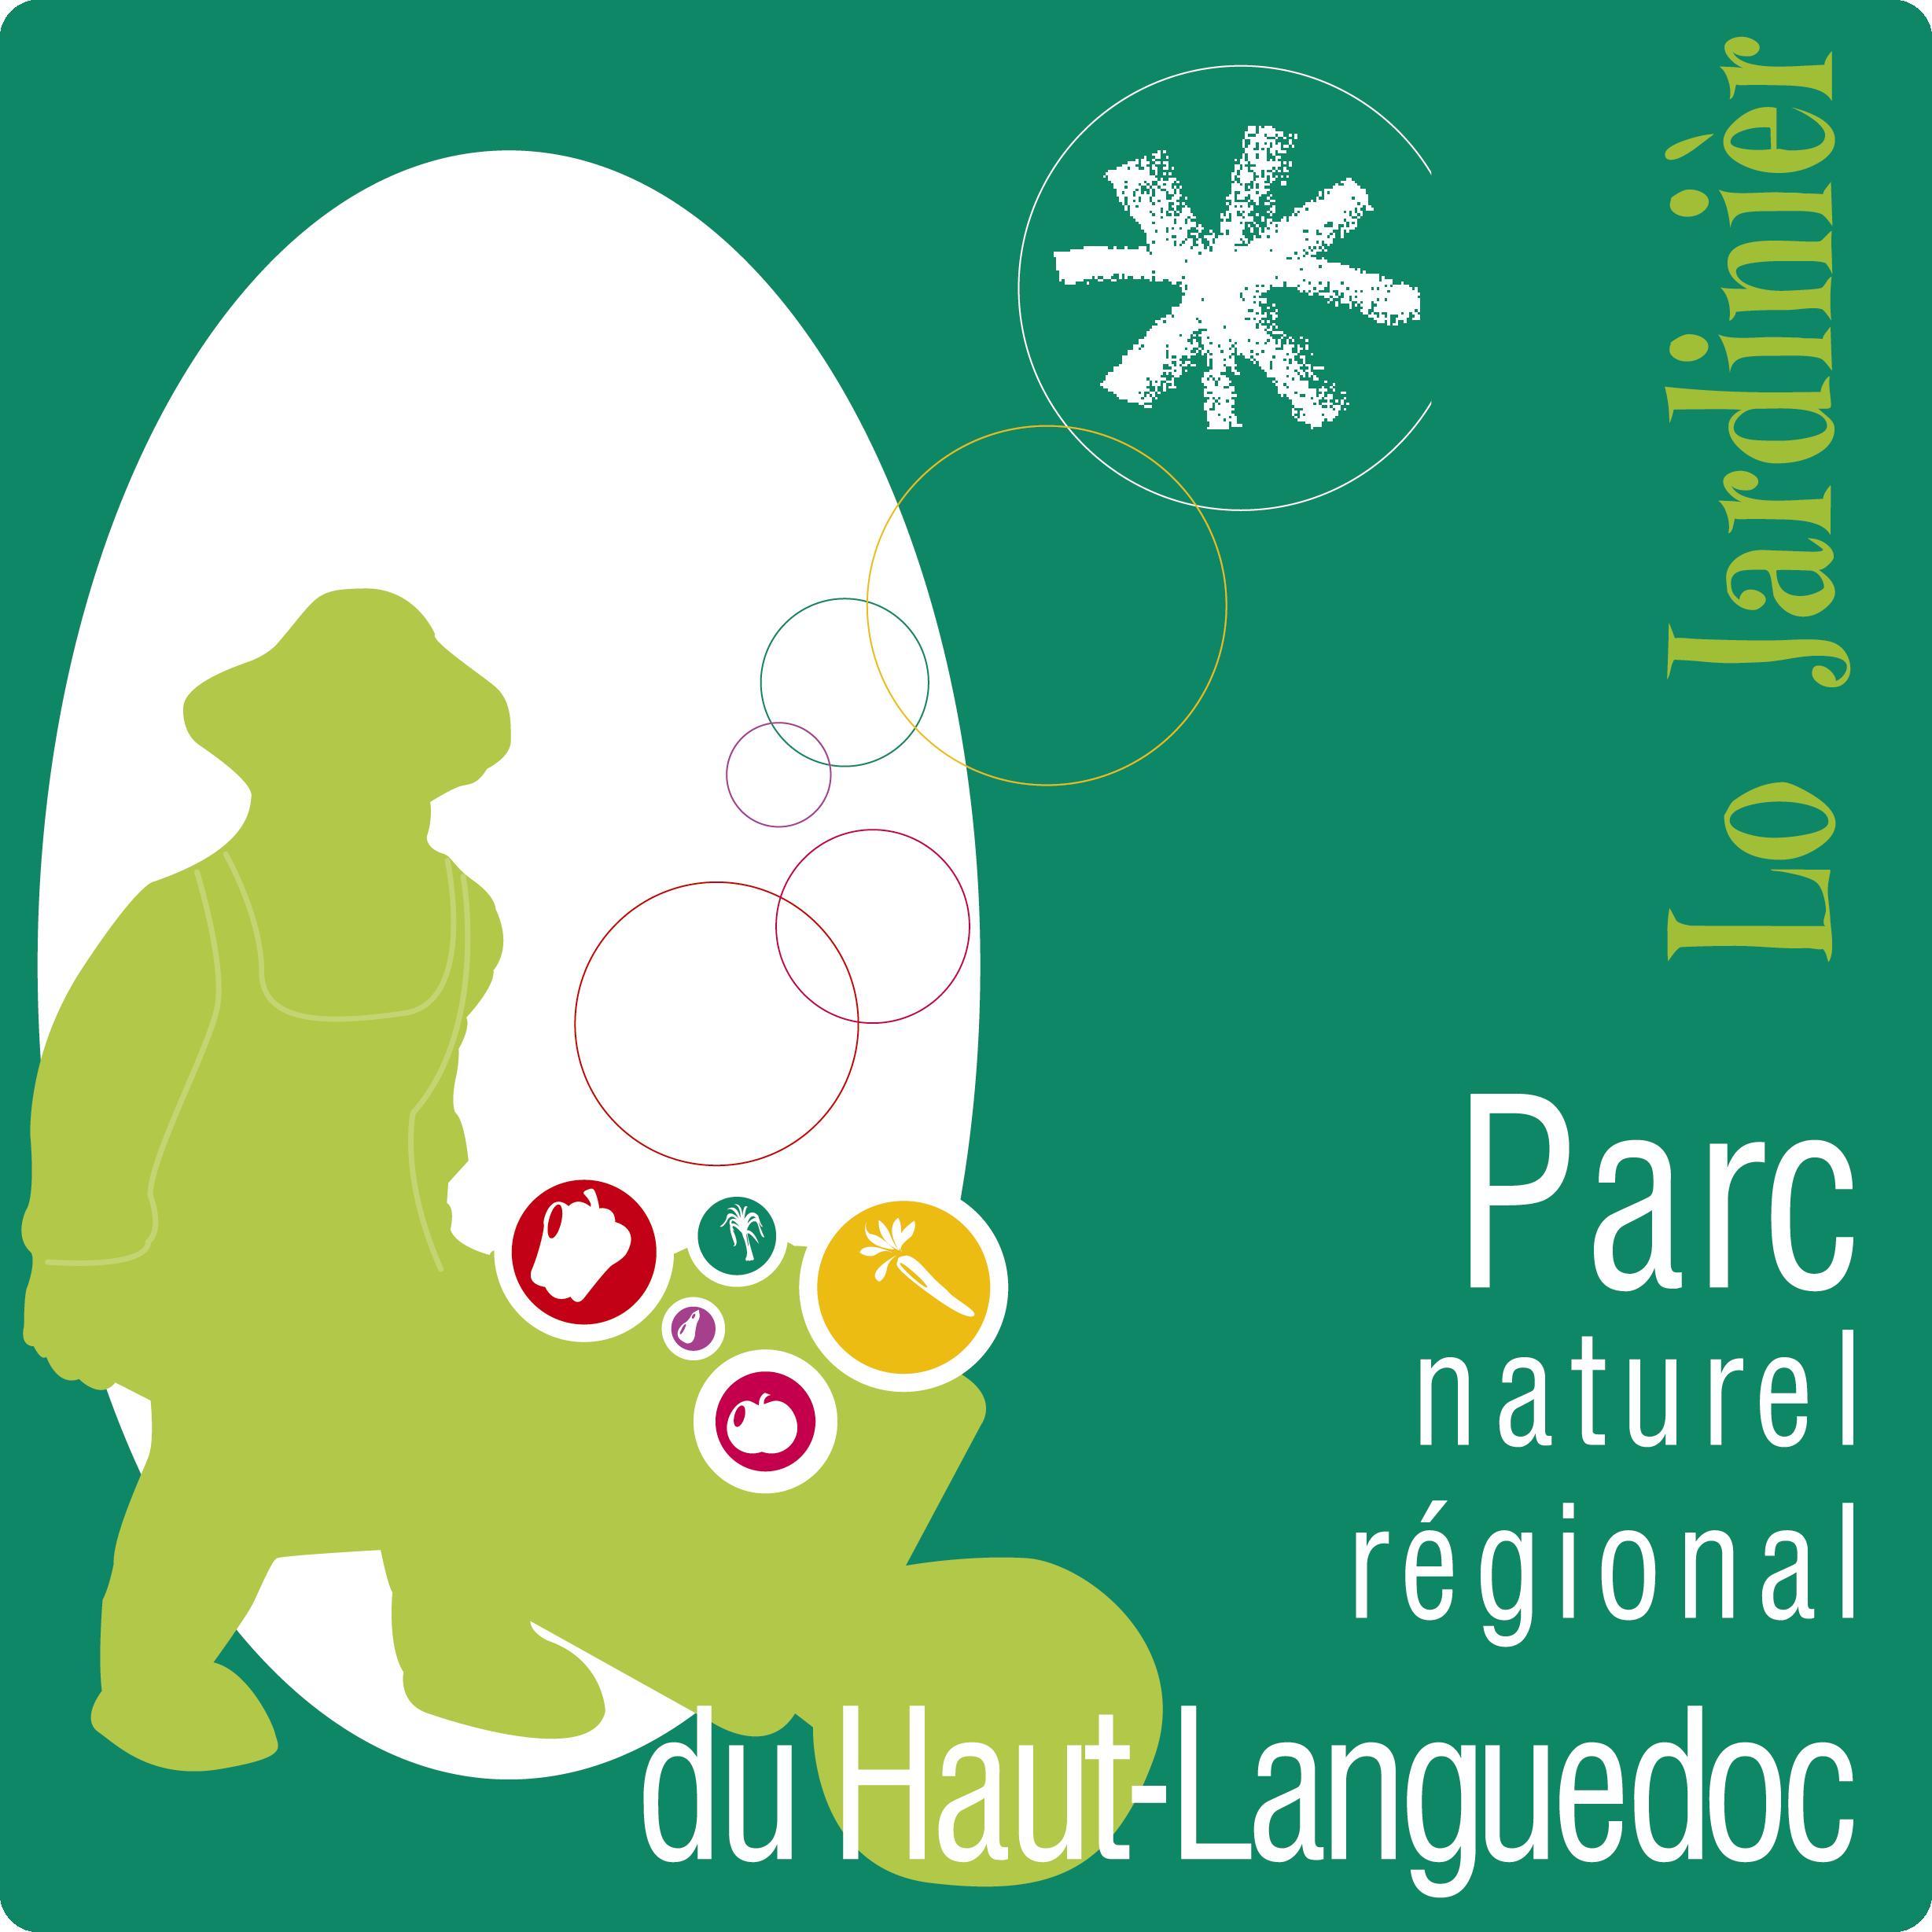 Remise des Prix du Concours des Jardiniers 2021 du Parc naturel régional du Haut-Languedoc